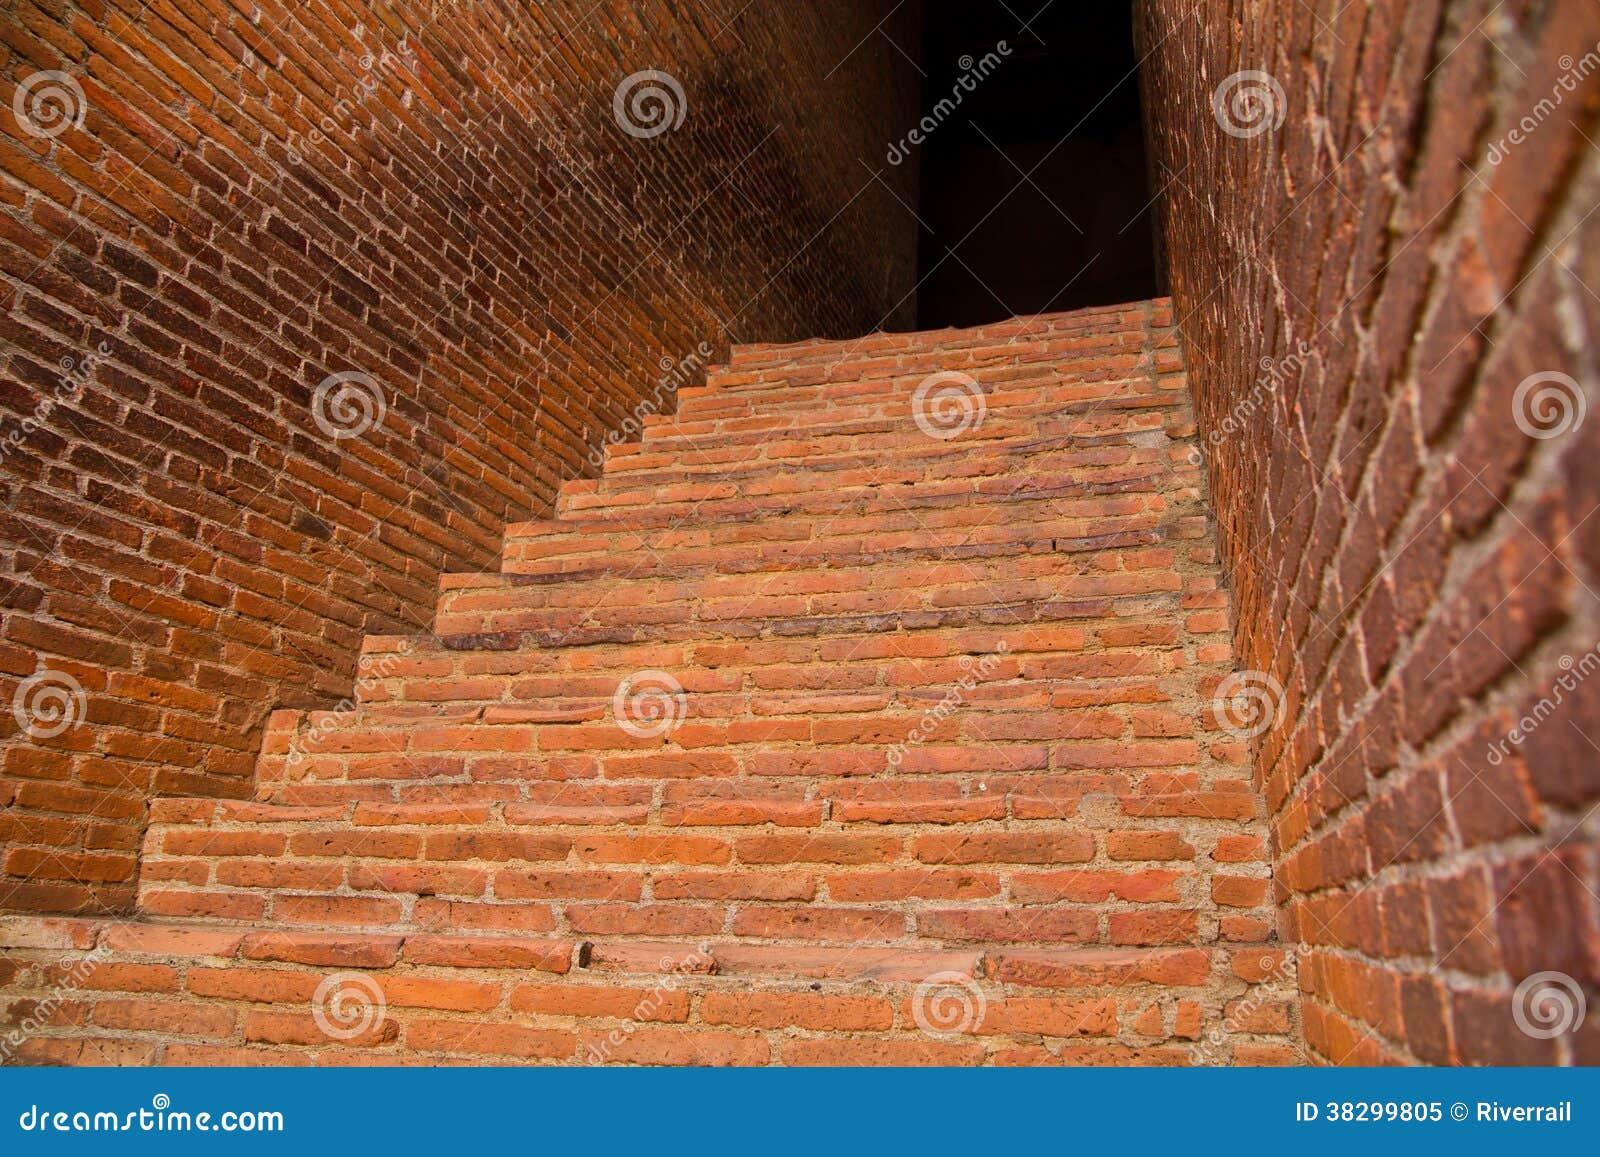 Escaleras del ladrillo rojo foto de archivo libre de - Escaleras de ladrillo ...